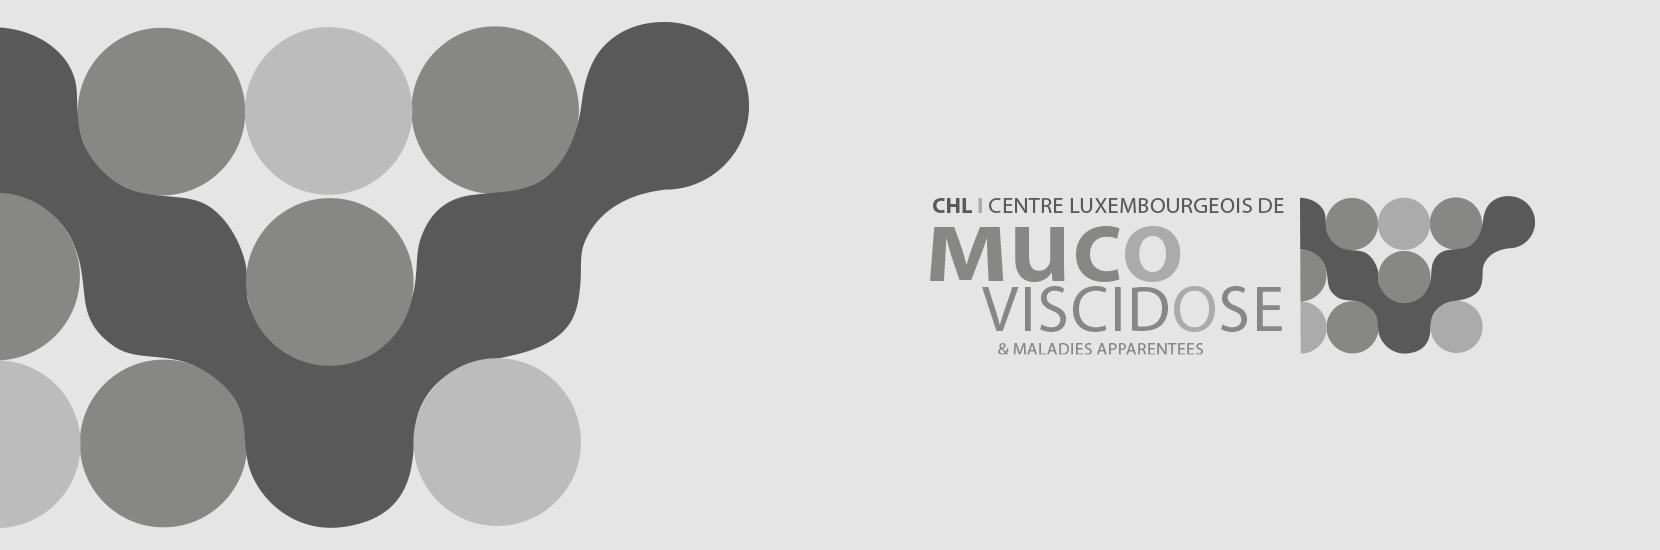 Mucoviscidose | CHL